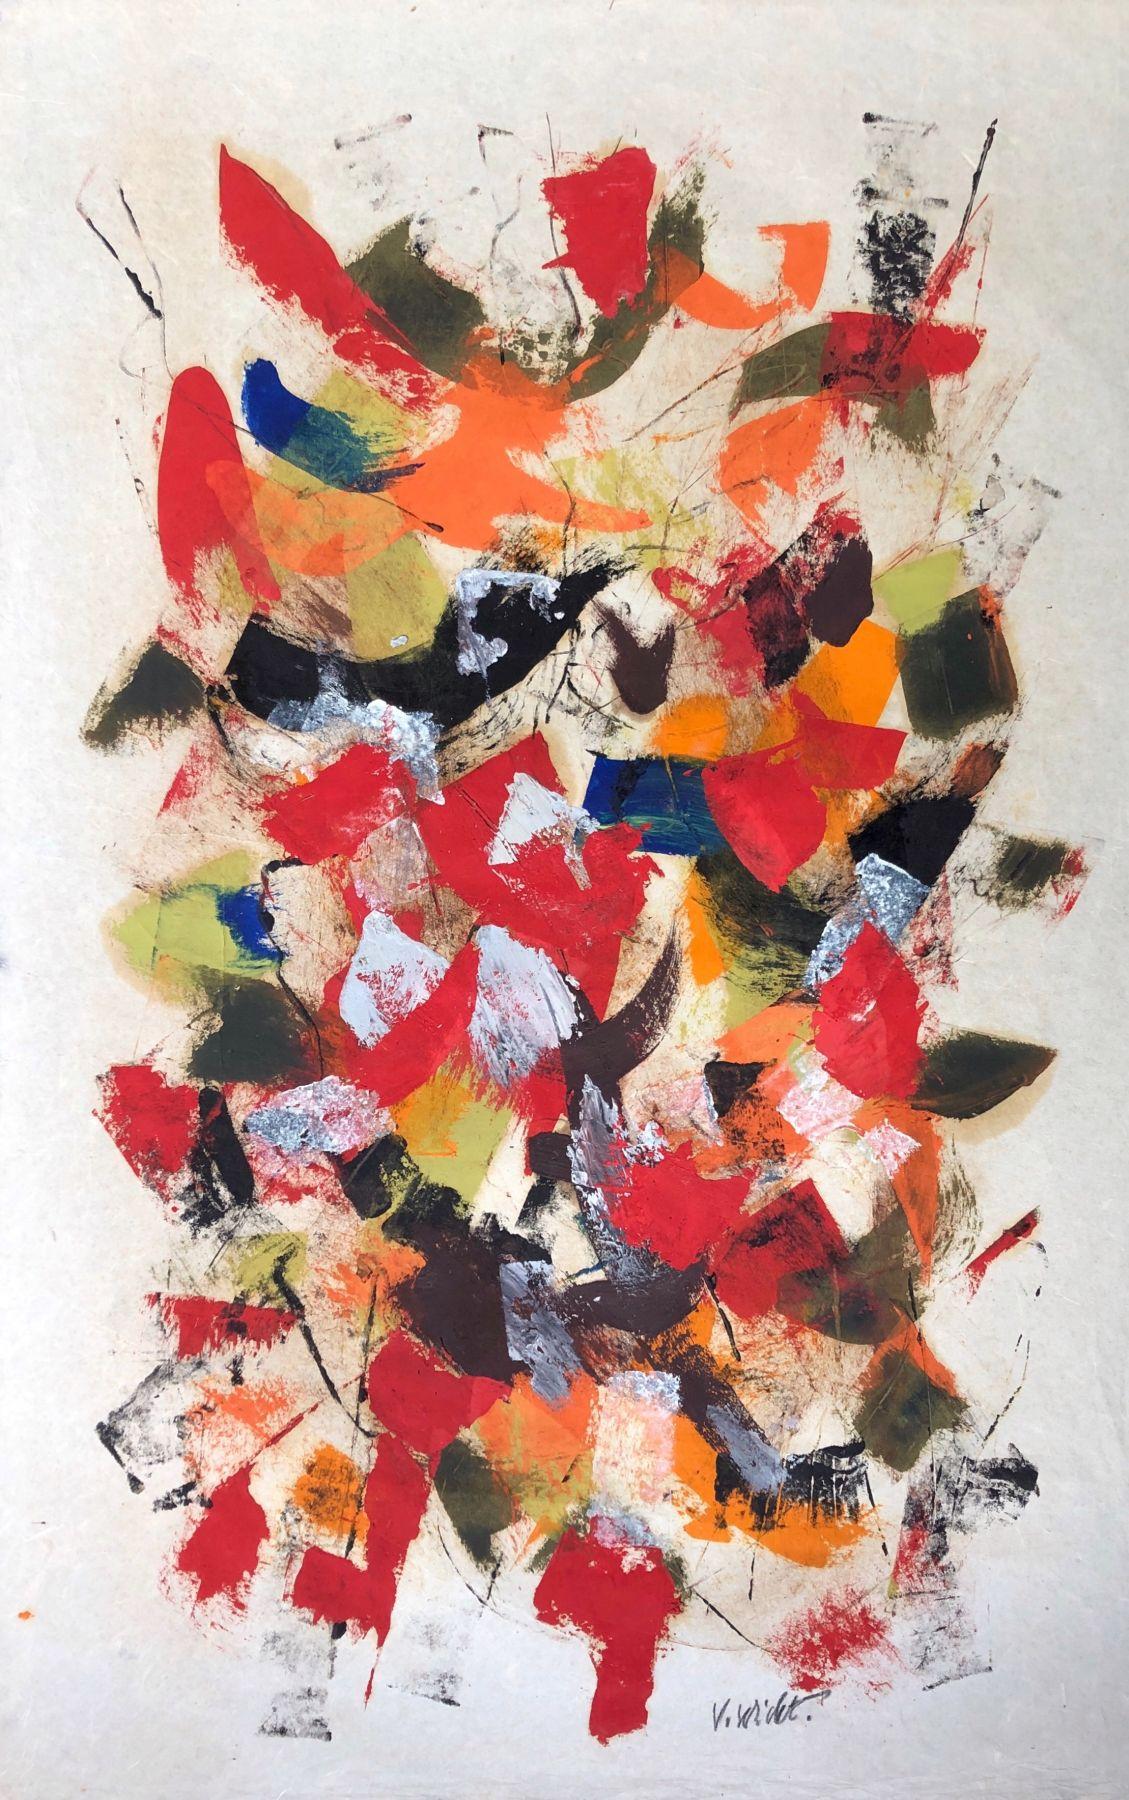 John Von Wicht untitled mixed media work on paper #VoJo110.